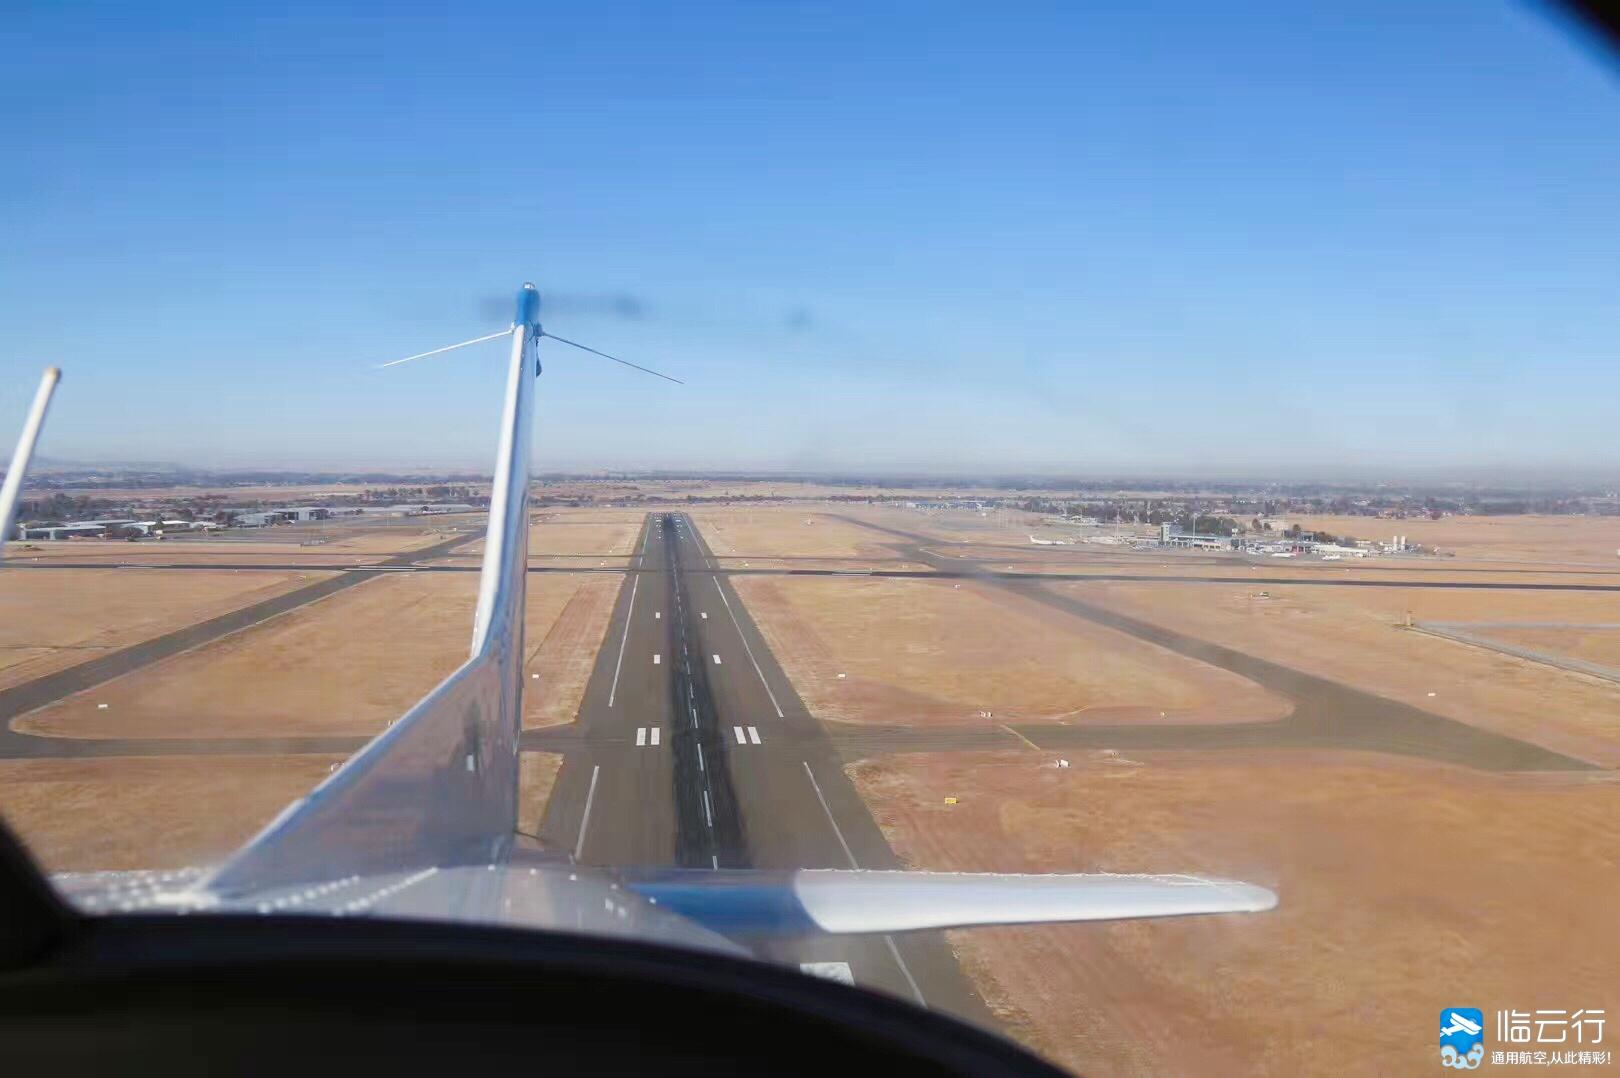 在沙漠中学飞是什么样的体验?南非AIFA艾维航校西博福特学飞记 - 临云行 - 南航大,飞行学员,南非艾维航校,AIFA,西博福特,学飞,国外航校,私照,商照,仪表,飞行训练